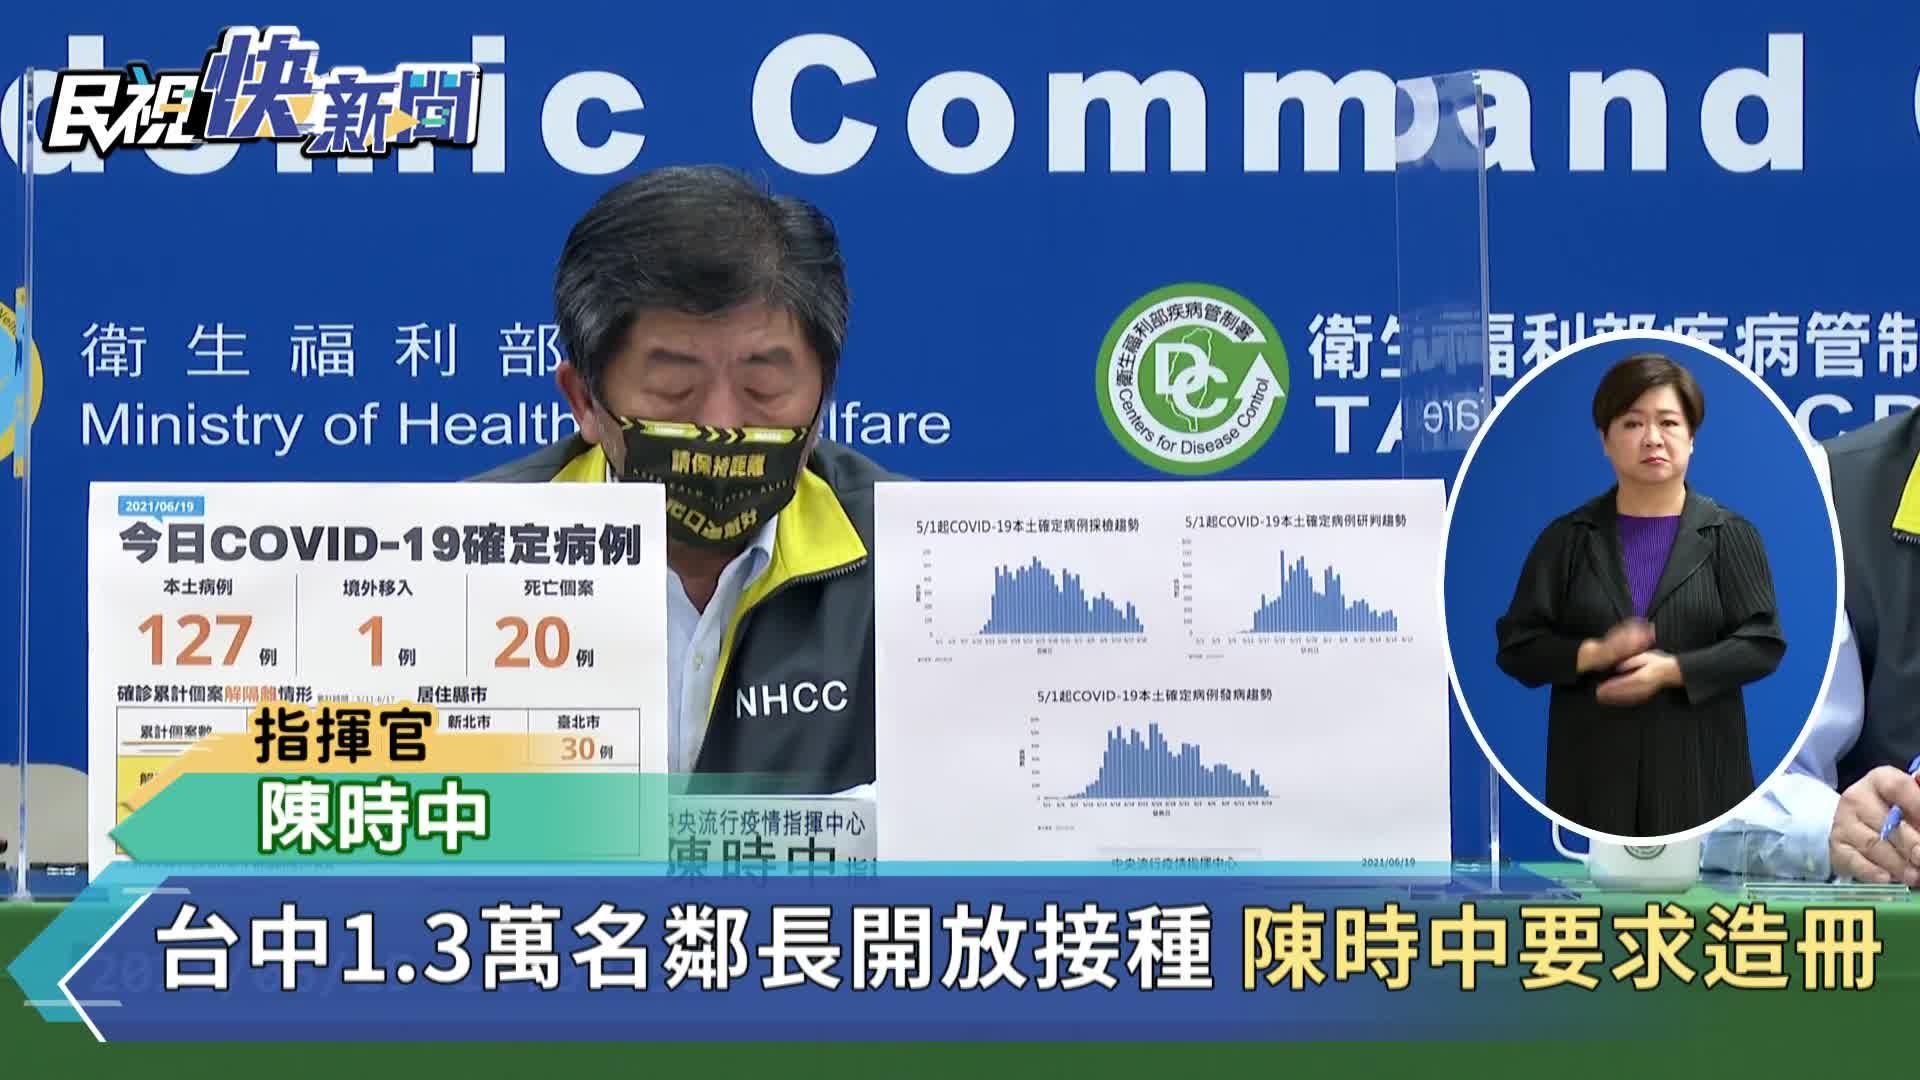 快新聞/台中1.3萬名鄰長開放接種 陳時中:避免排擠75歲以上長者施打